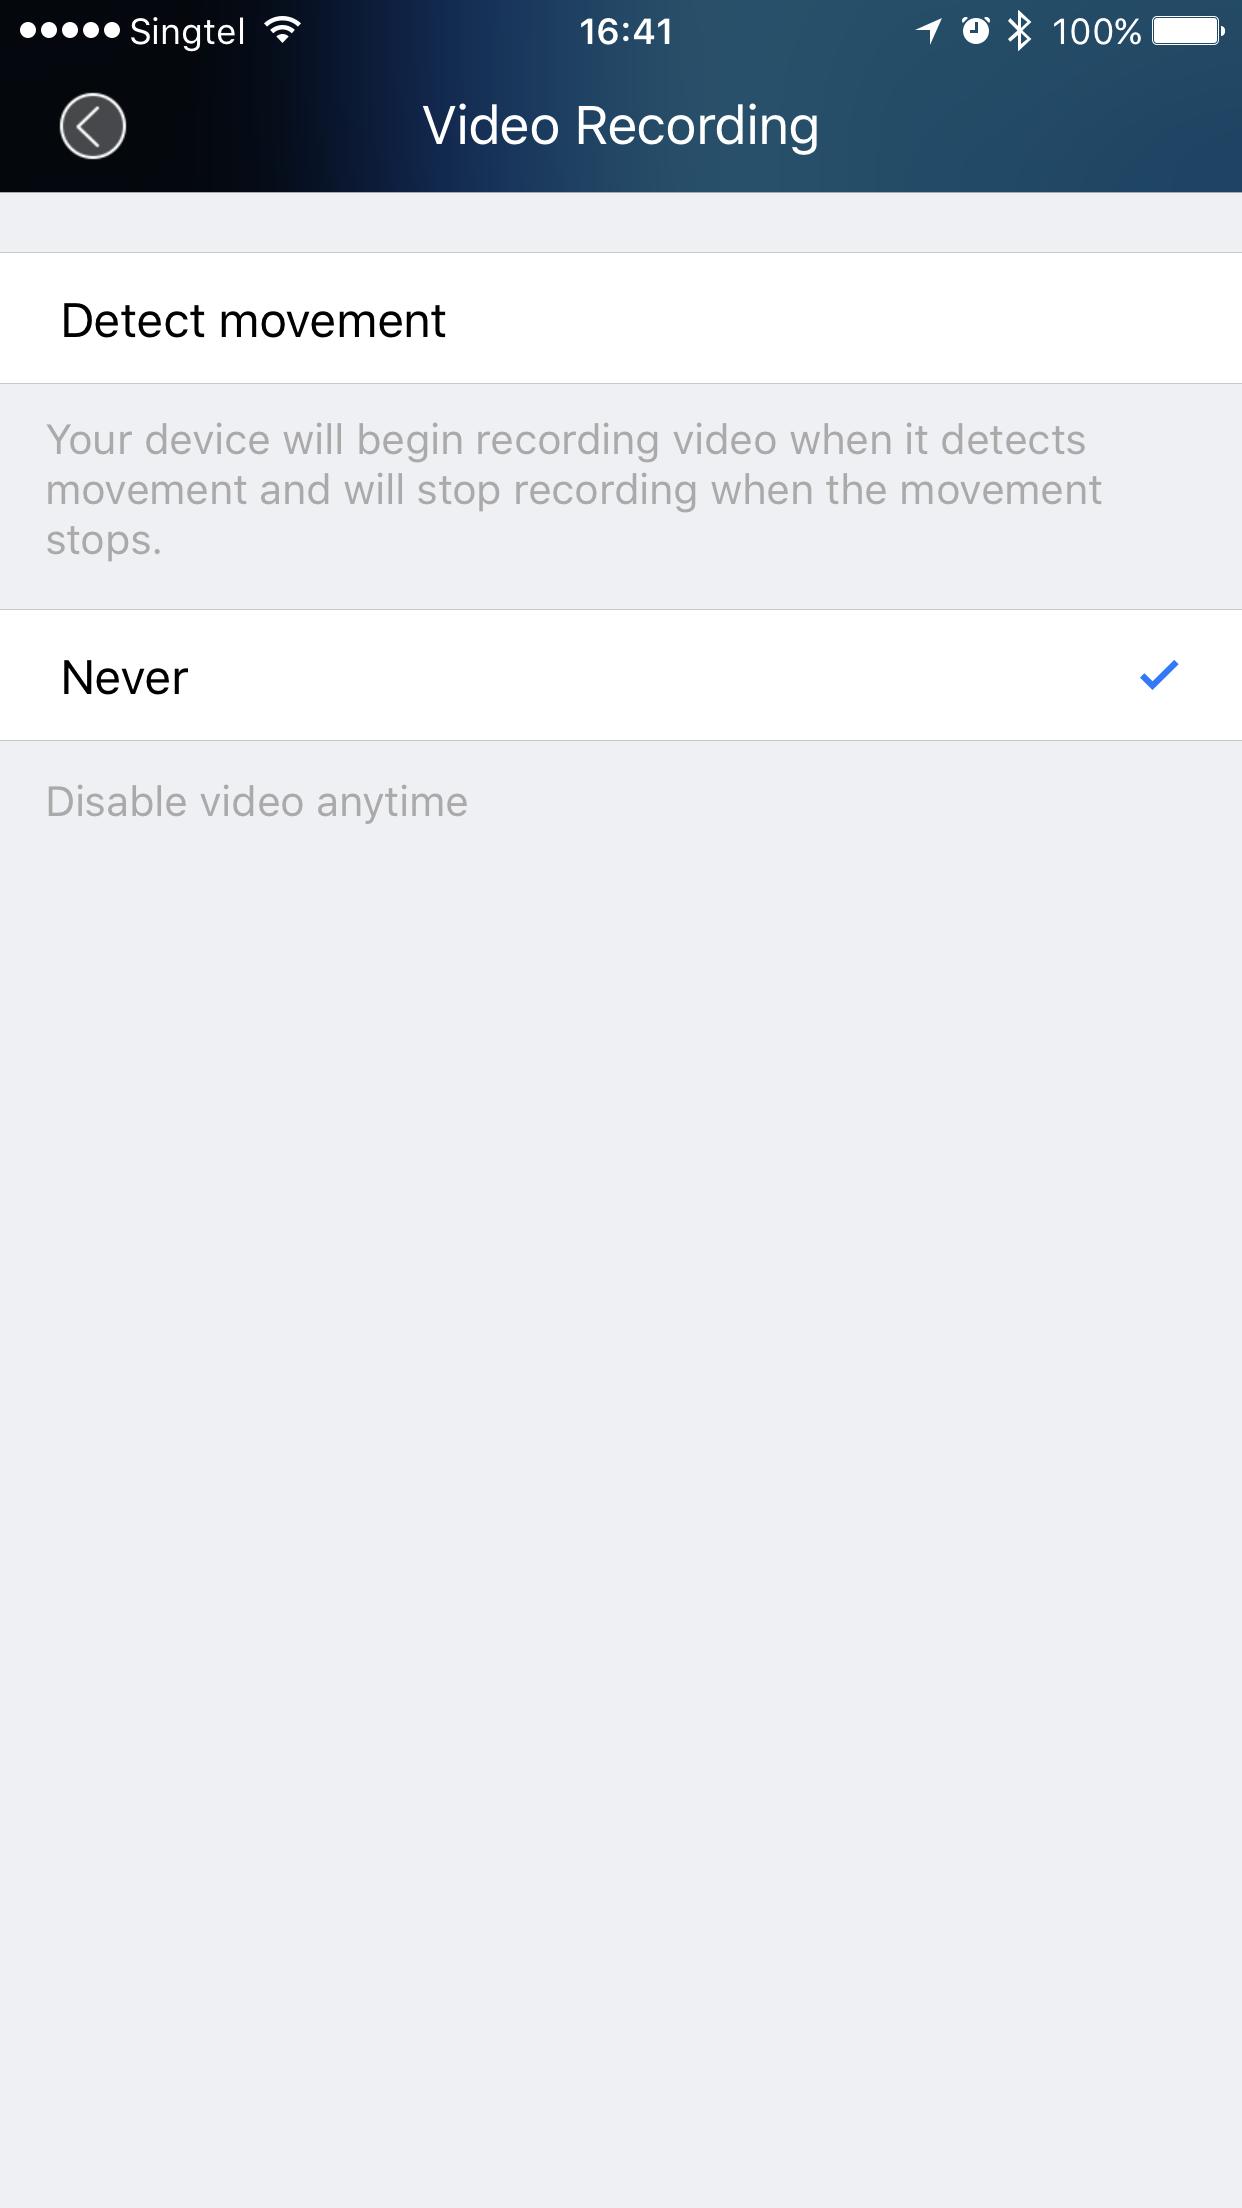 L'Historique des classements indique la popularité de Doby - Smart Camera sur iOS app store et son évolution au fil du temps. Vous pouvez suivre la performance de Doby - Smart Camera pour chaque heure de chaque jour sur différents pays, catégories et appareils.